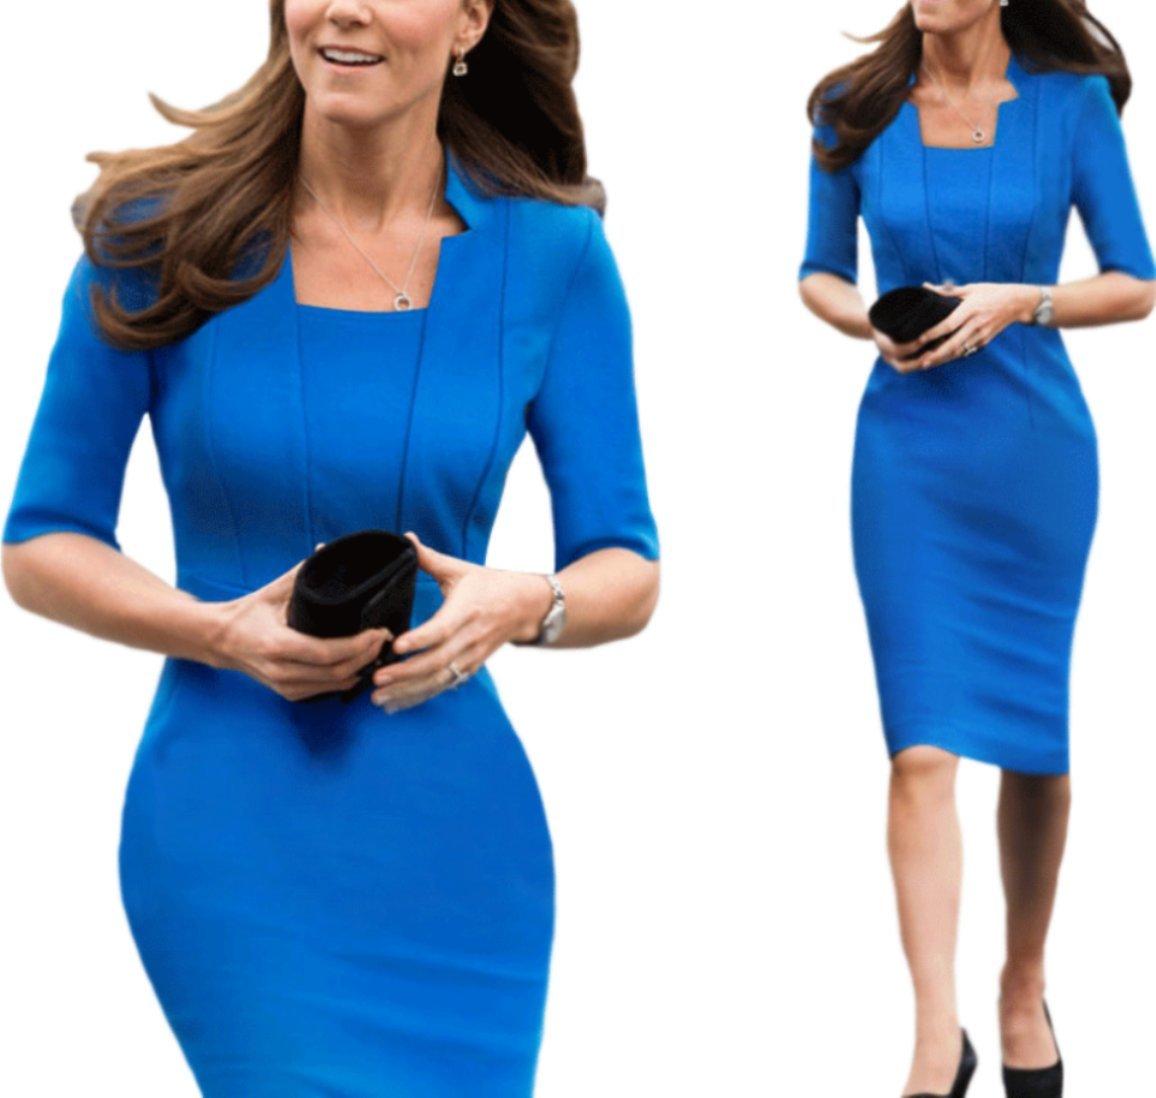 Unomatch Kate Middleton Wrinkle Based Top Collar Neck Knee Length Dress Blue (Blue, Large)